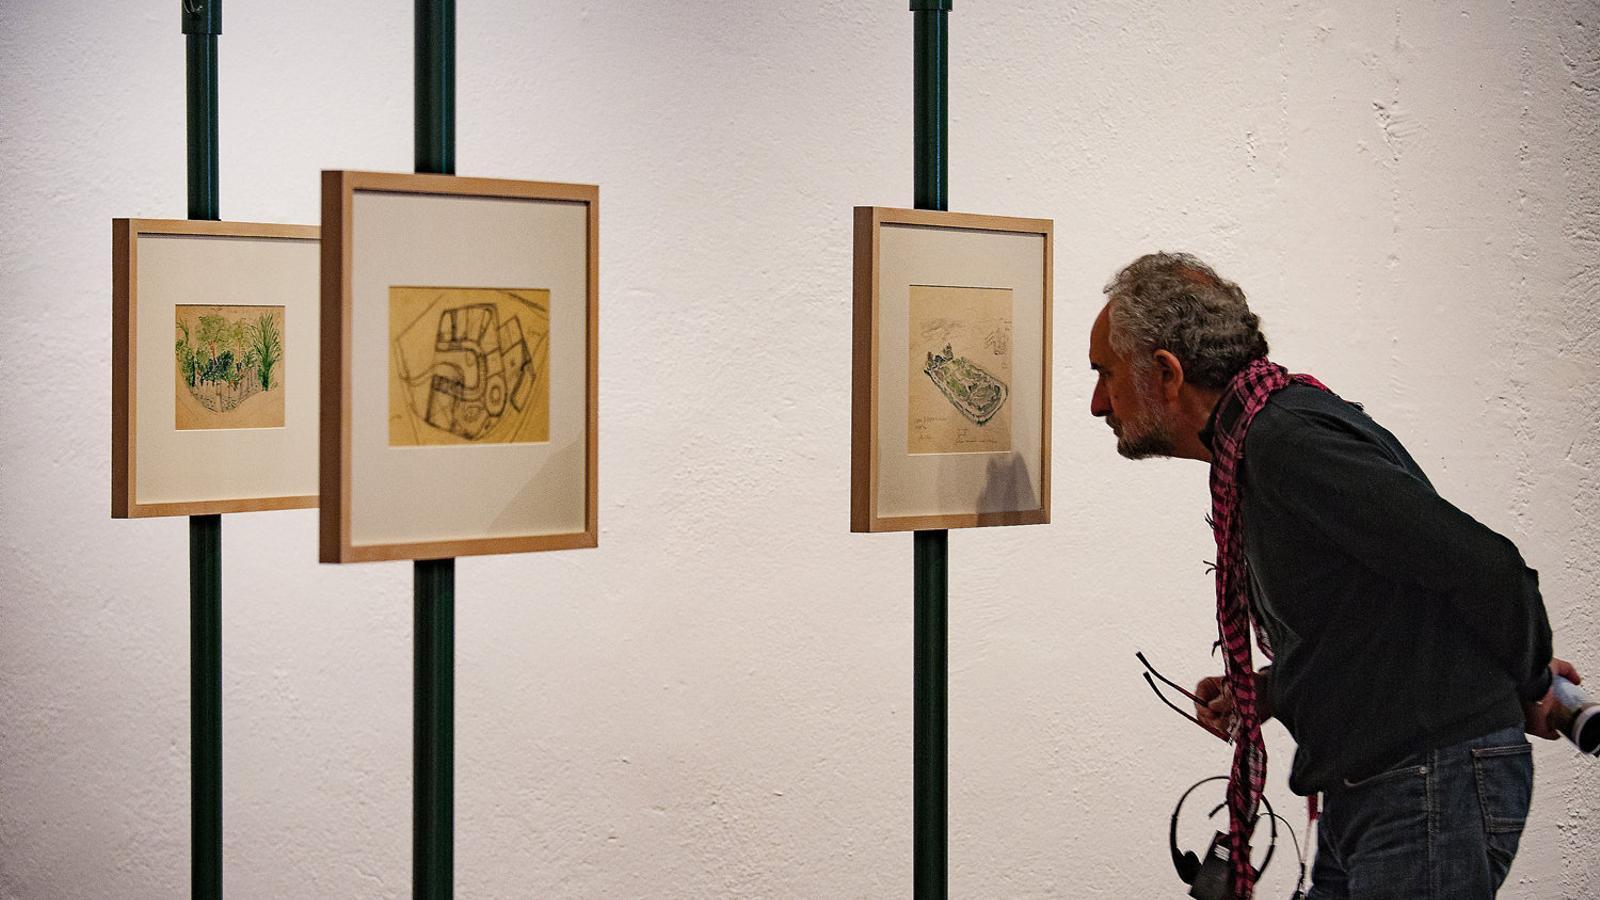 El muntatge de Lina Bo Bardi dibuixa evoca les exposicions de l'arquitecta als museus.